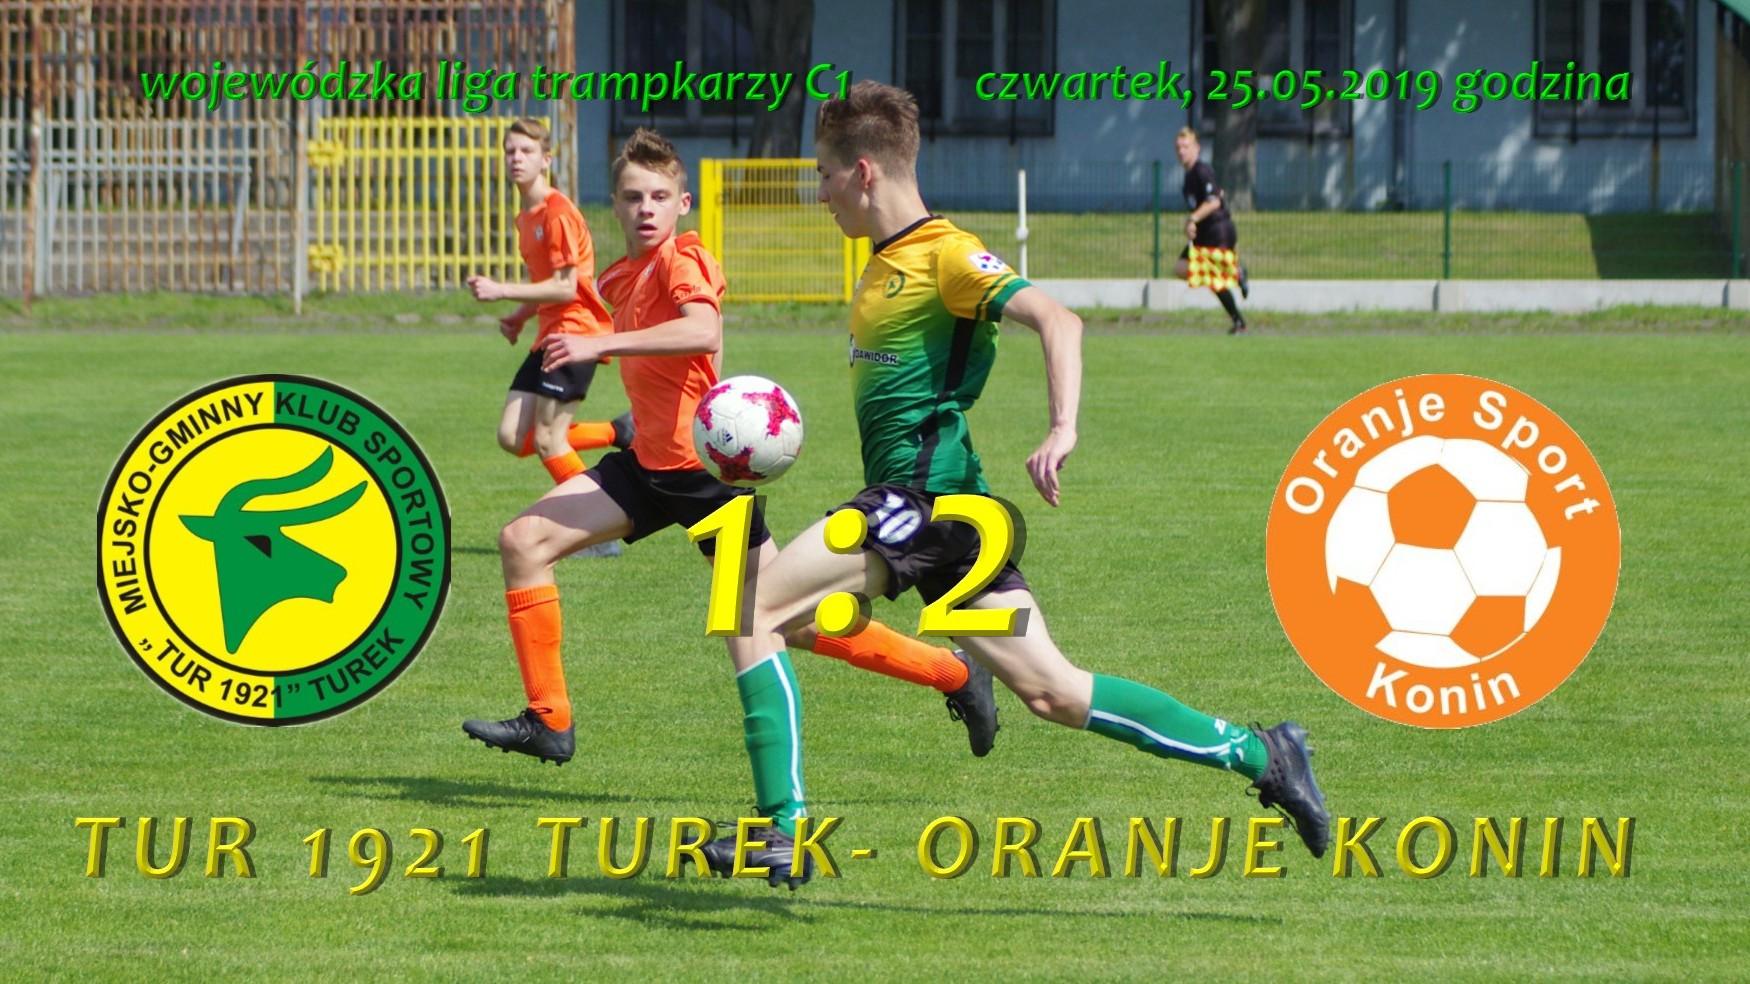 Tur 1921 Turek- Oranje Konin 1:2, trampkarz C1, fragment meczu z 25.05.2019